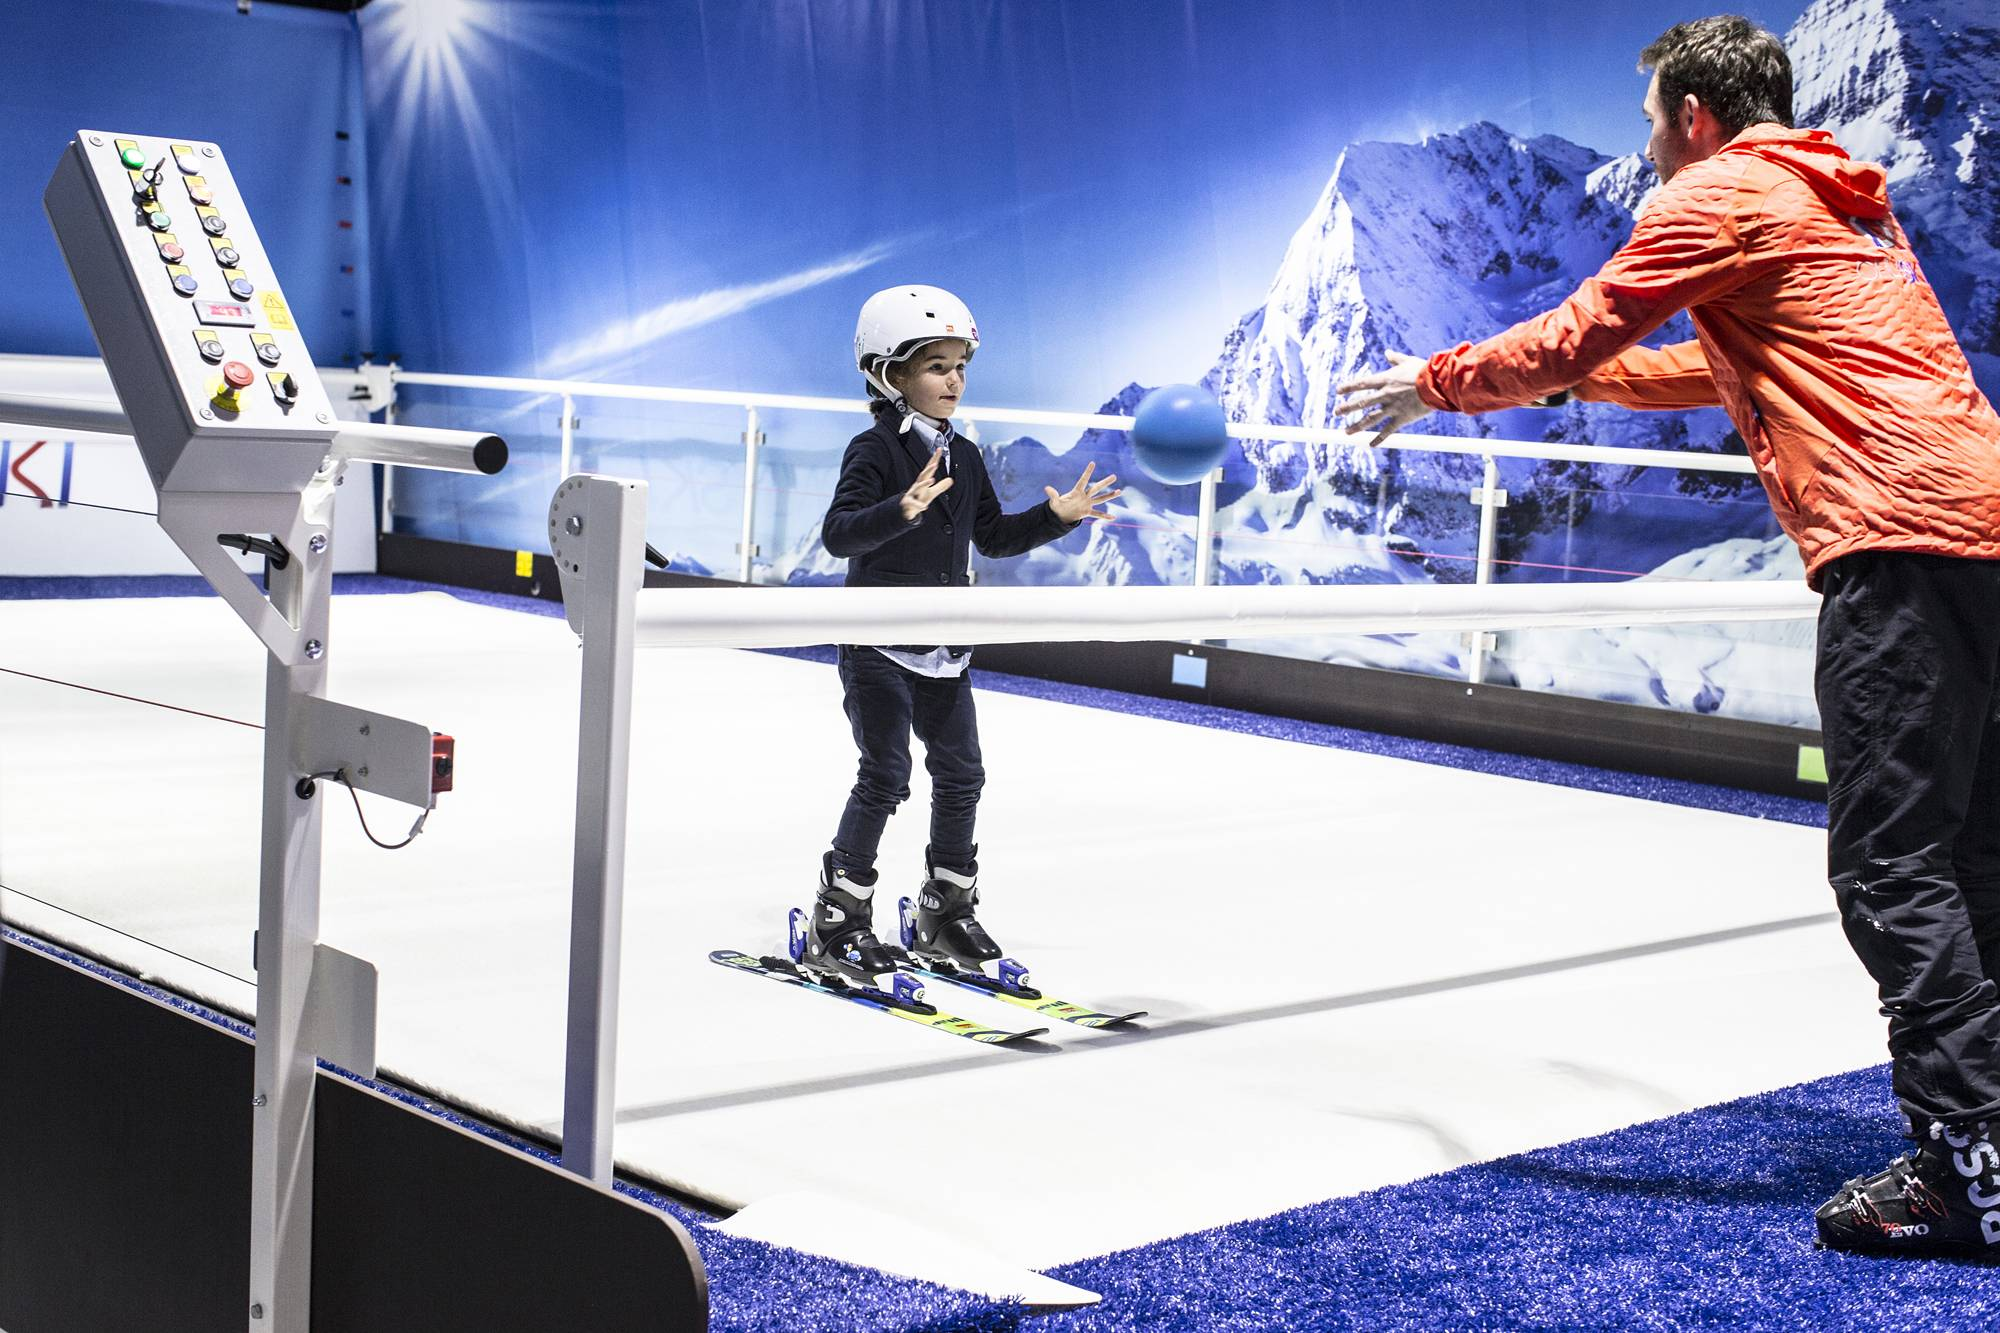 école de ski lyon